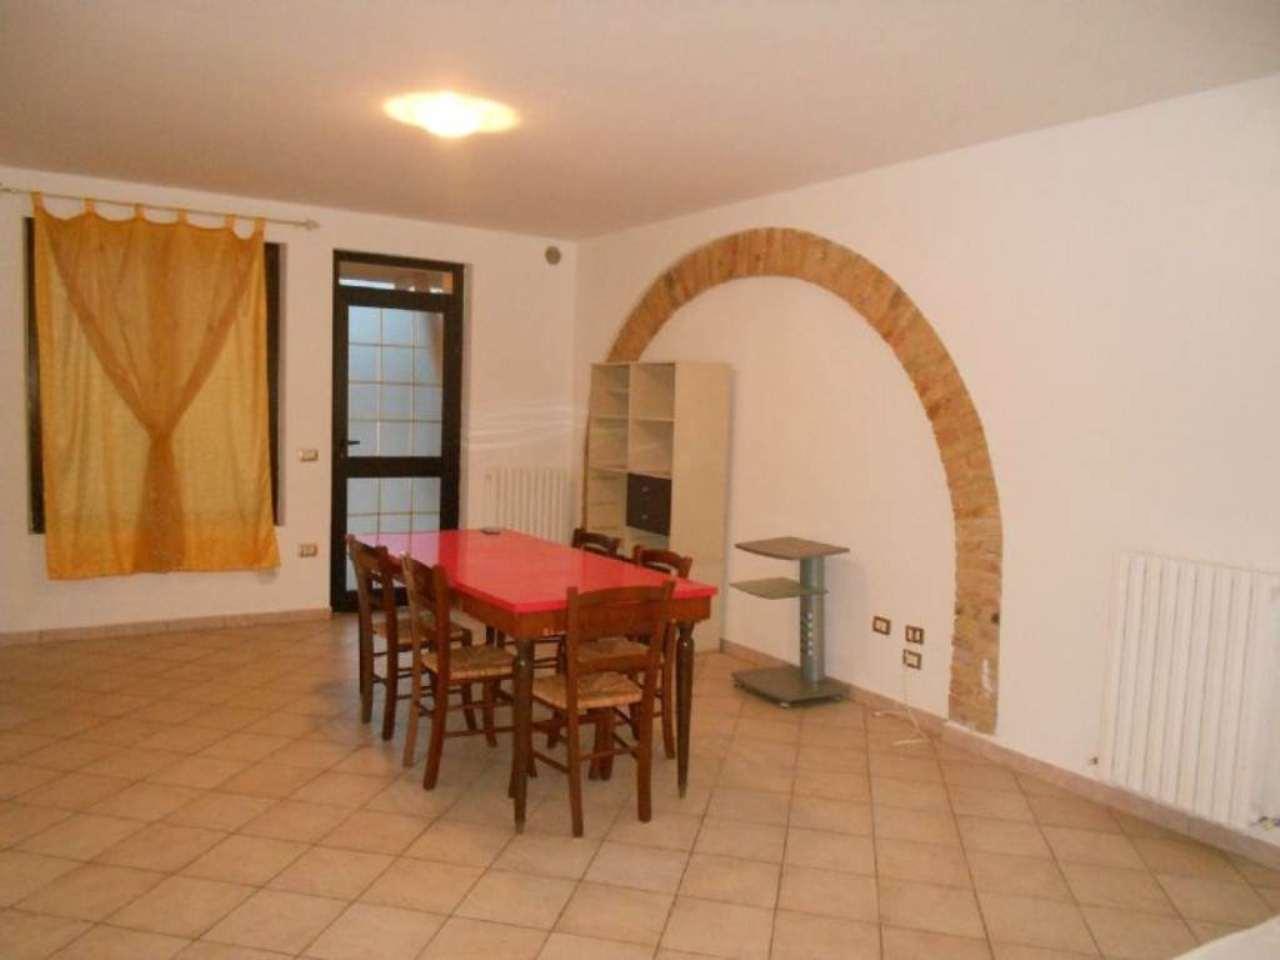 Appartamento in affitto a Ortona, 3 locali, prezzo € 350 | CambioCasa.it